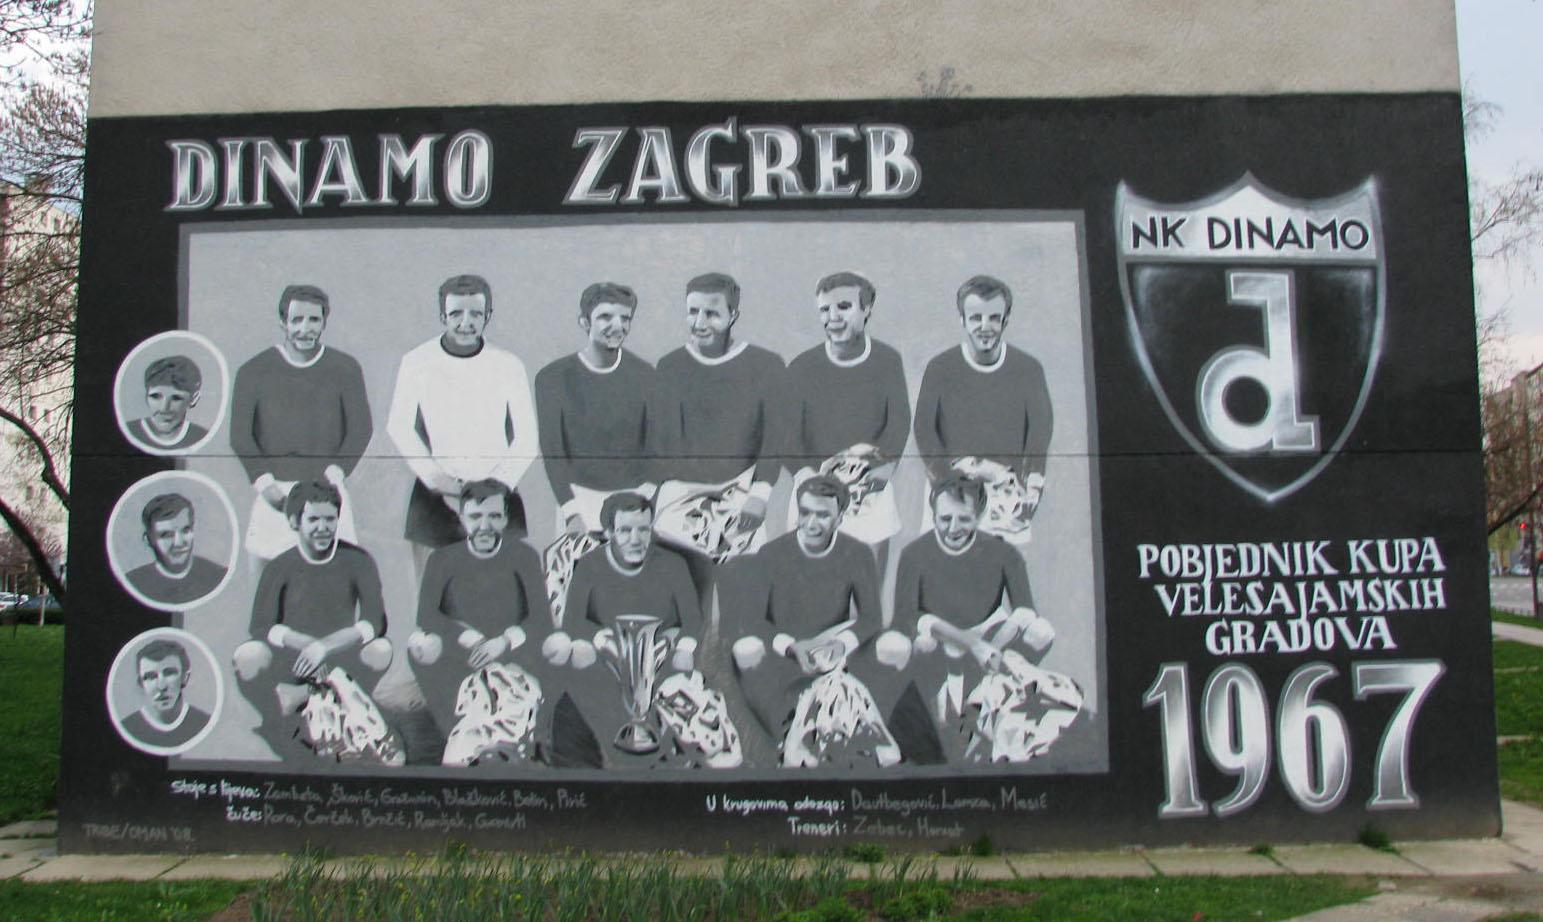 В 1996-м «Динамо Загреб» едва не выбил «Спартак» из Кубка УЕФА. Тогда  клуб назывался «Кроация» из-за борьбы с политическим прошлым